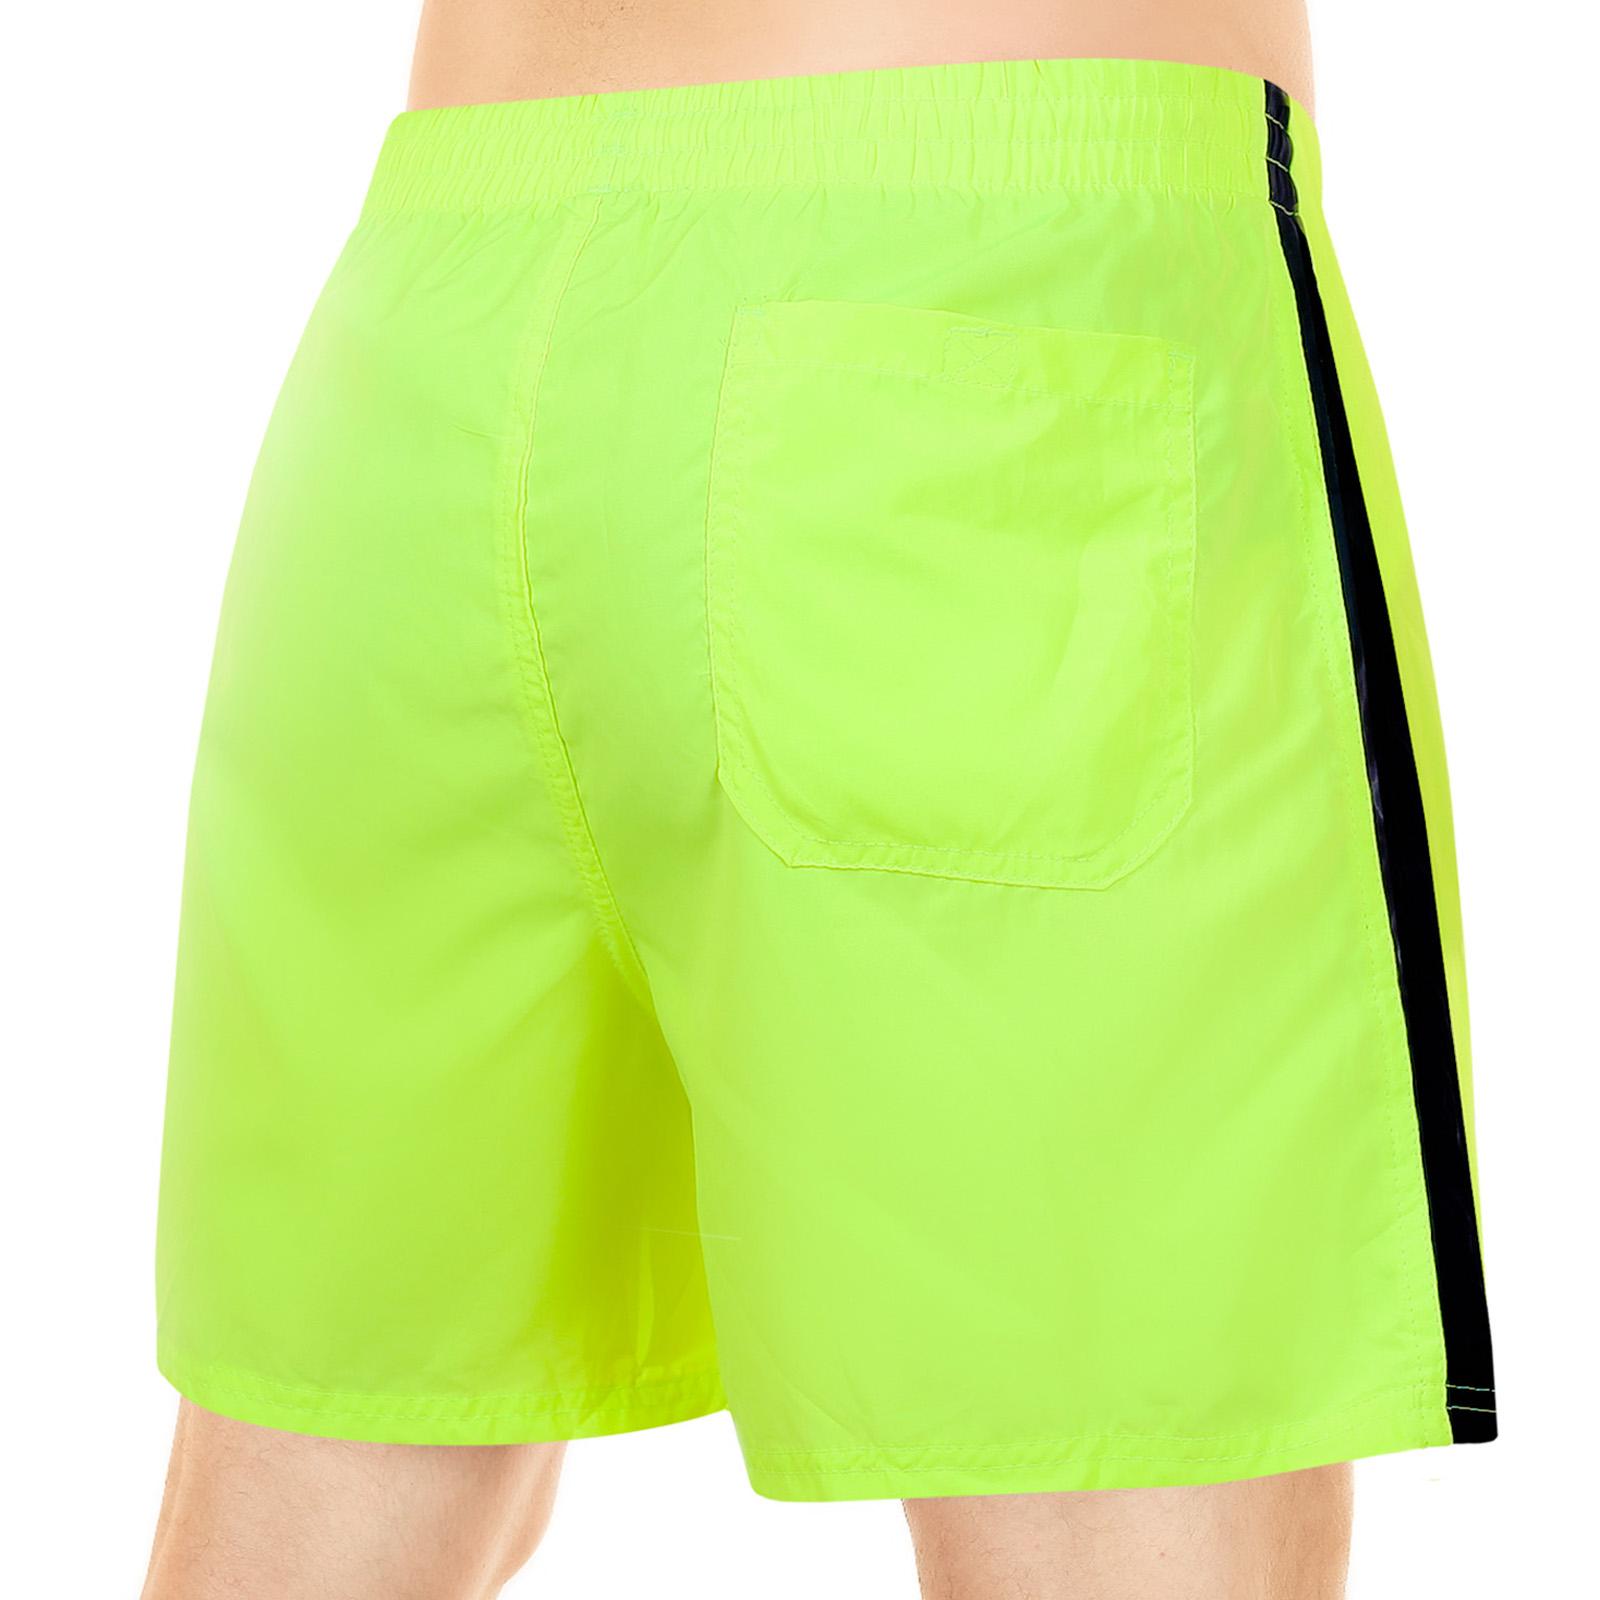 Короткие мужские шорты ярко-лимонного цвета от MACE (Канада) по низкой цене